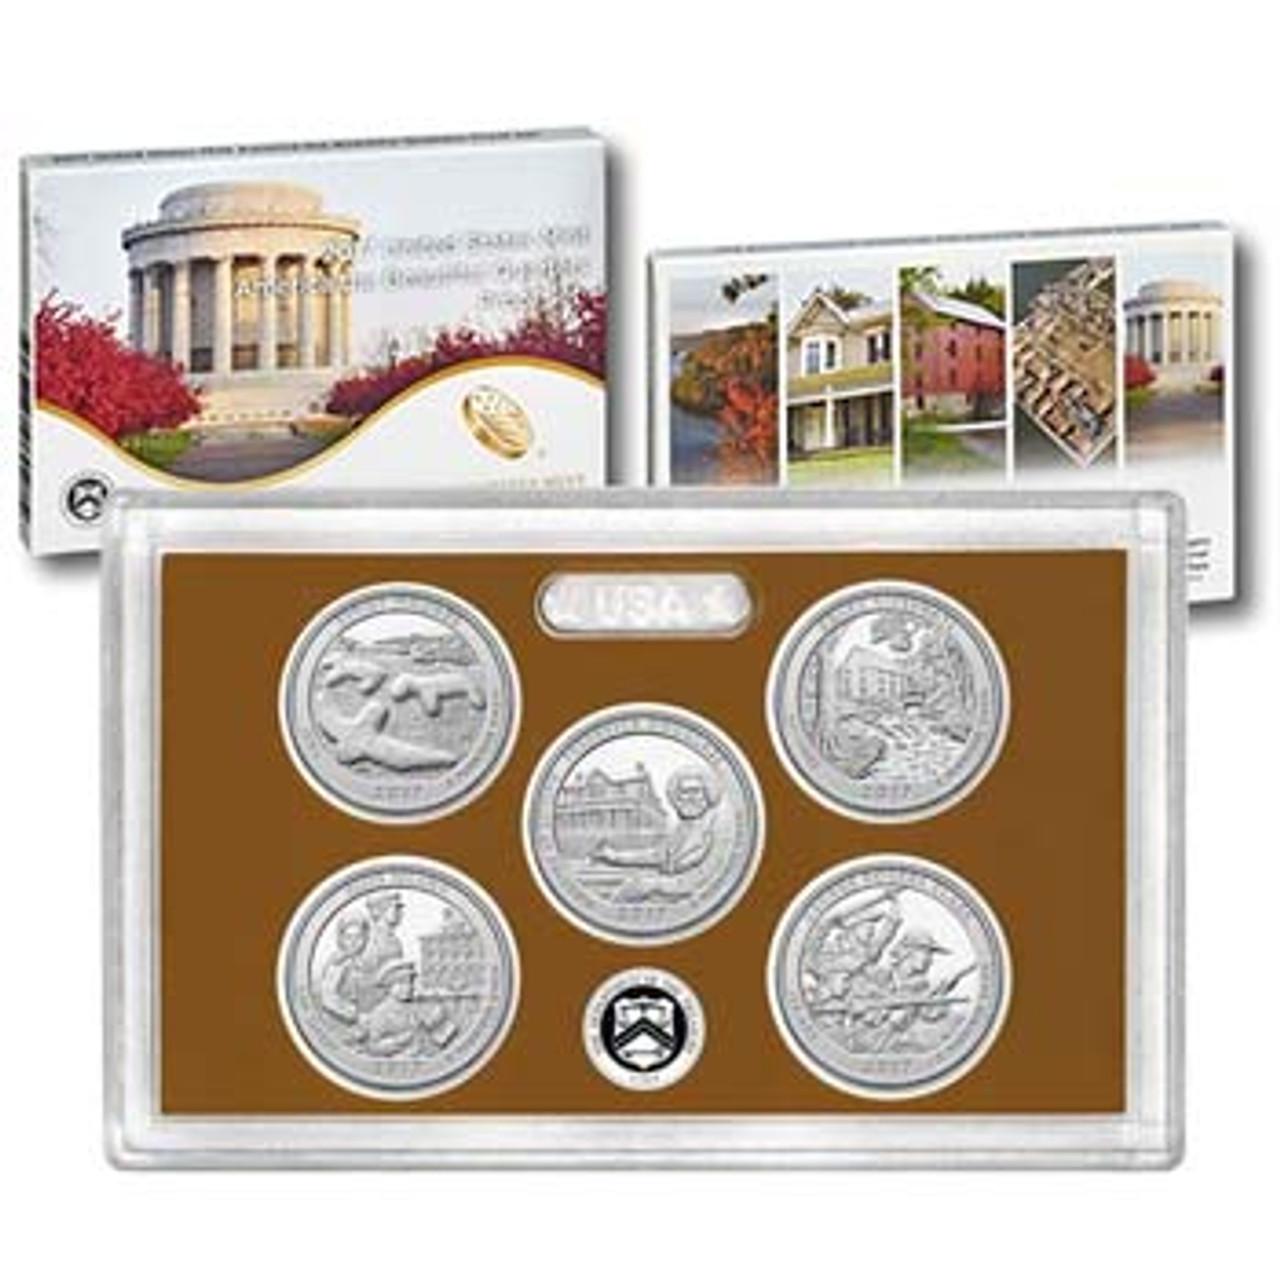 2017 National Parks Quarter Proof Set 5 Coins Image 1